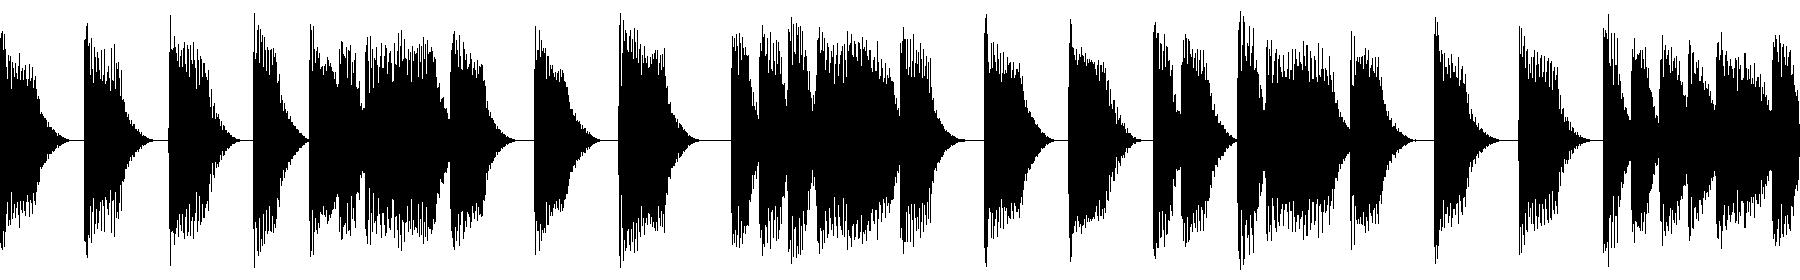 bass10 140